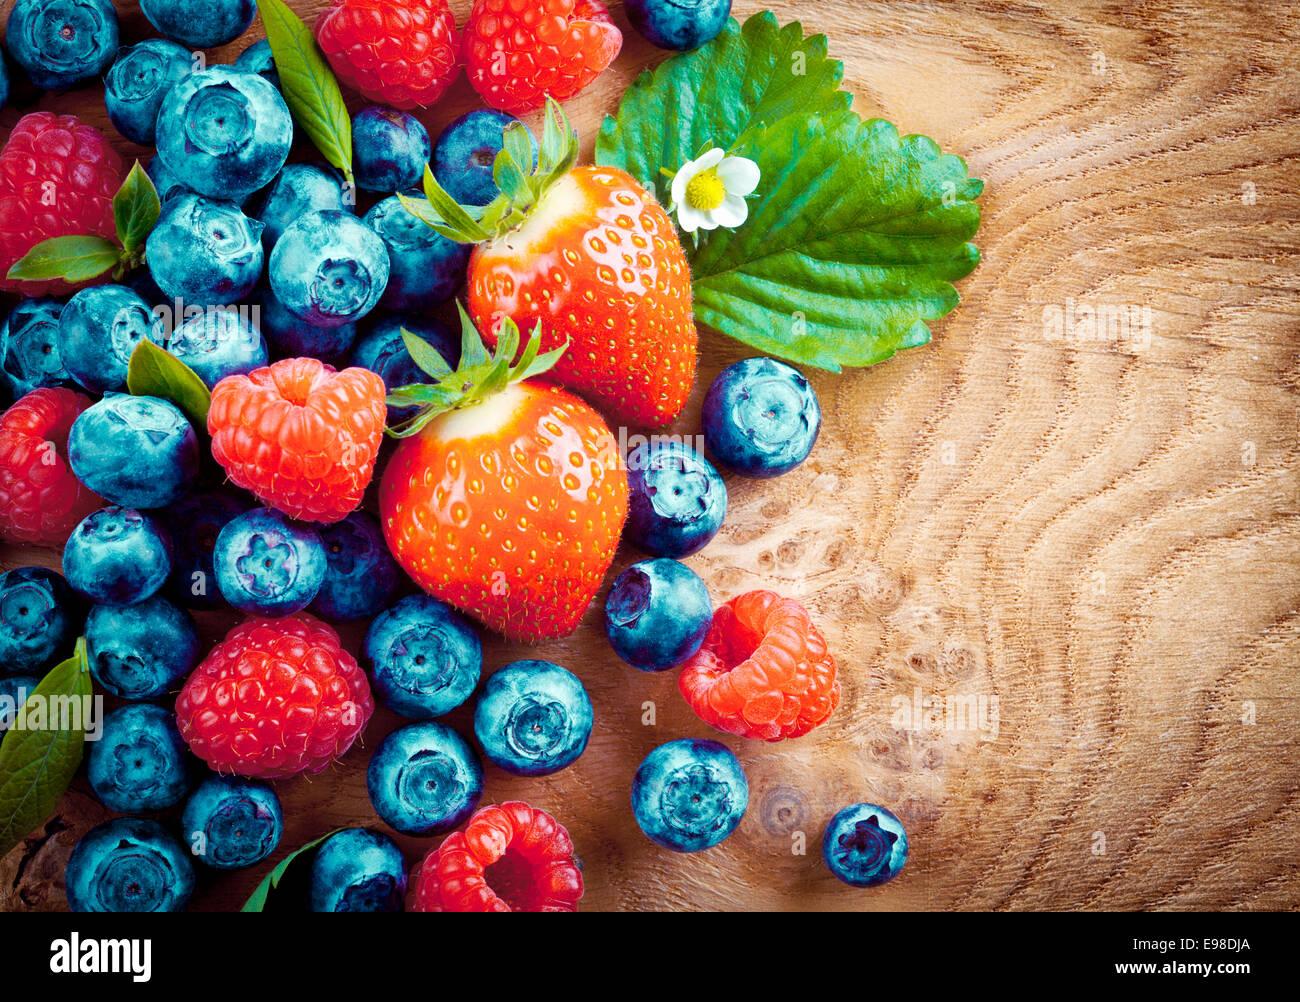 Vue supérieure de l'automne des baies mûres mixtes y compris les fraises, les framboises et les bleuets Photo Stock